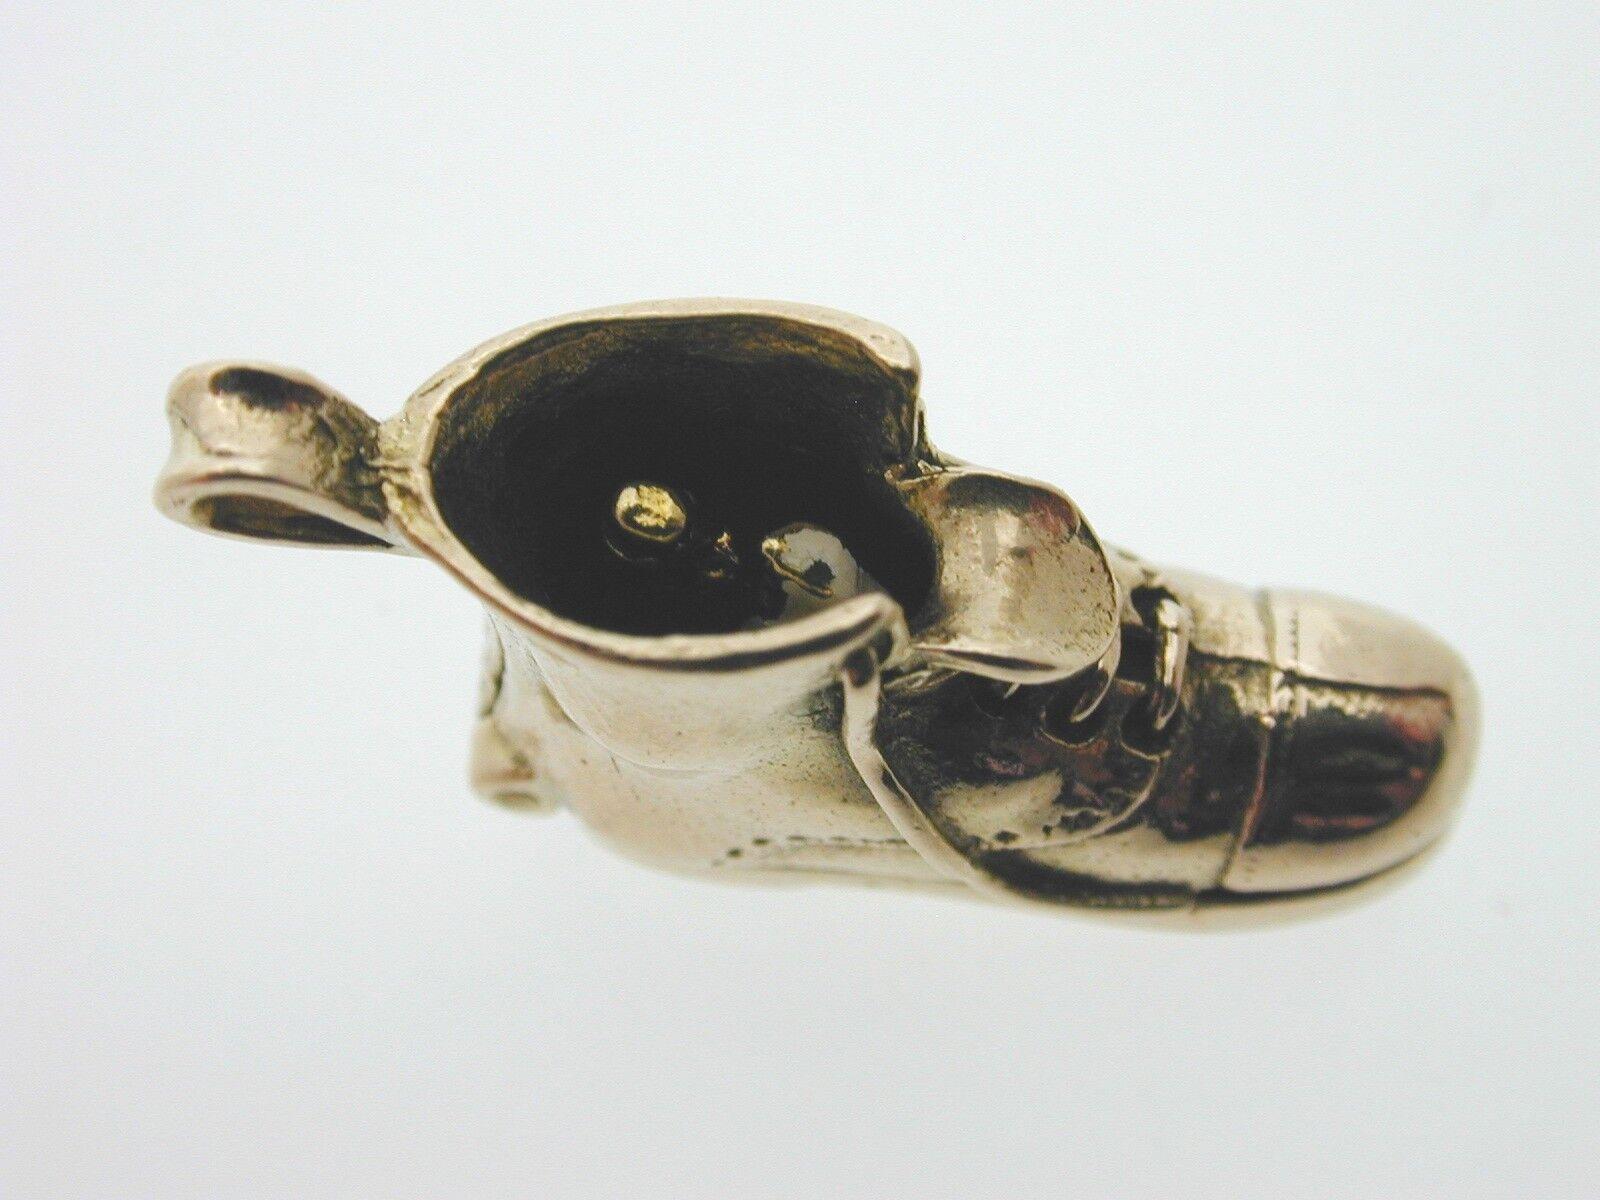 Stivale in oro 9 9 9 CARATI ciondolo si apre per mostrare SPOSI MATRIMONIO 1966 3.6 GRAMMI b0cf42